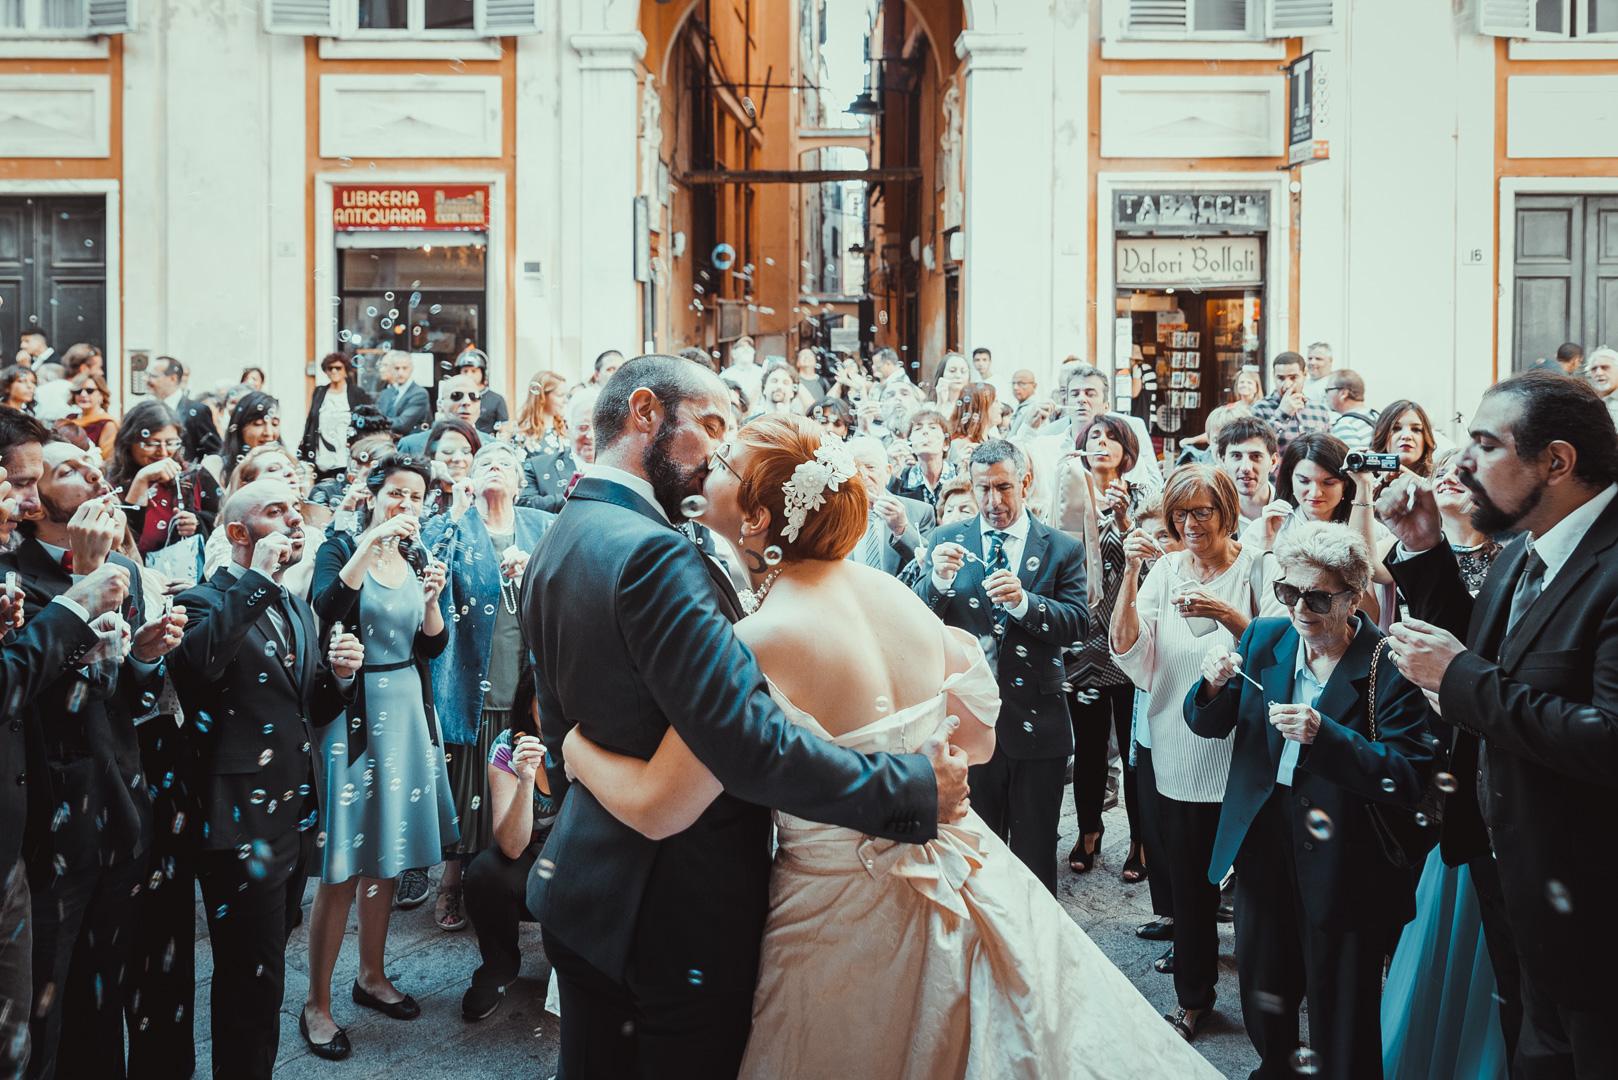 Lancio bolle di sapone sugli sposi